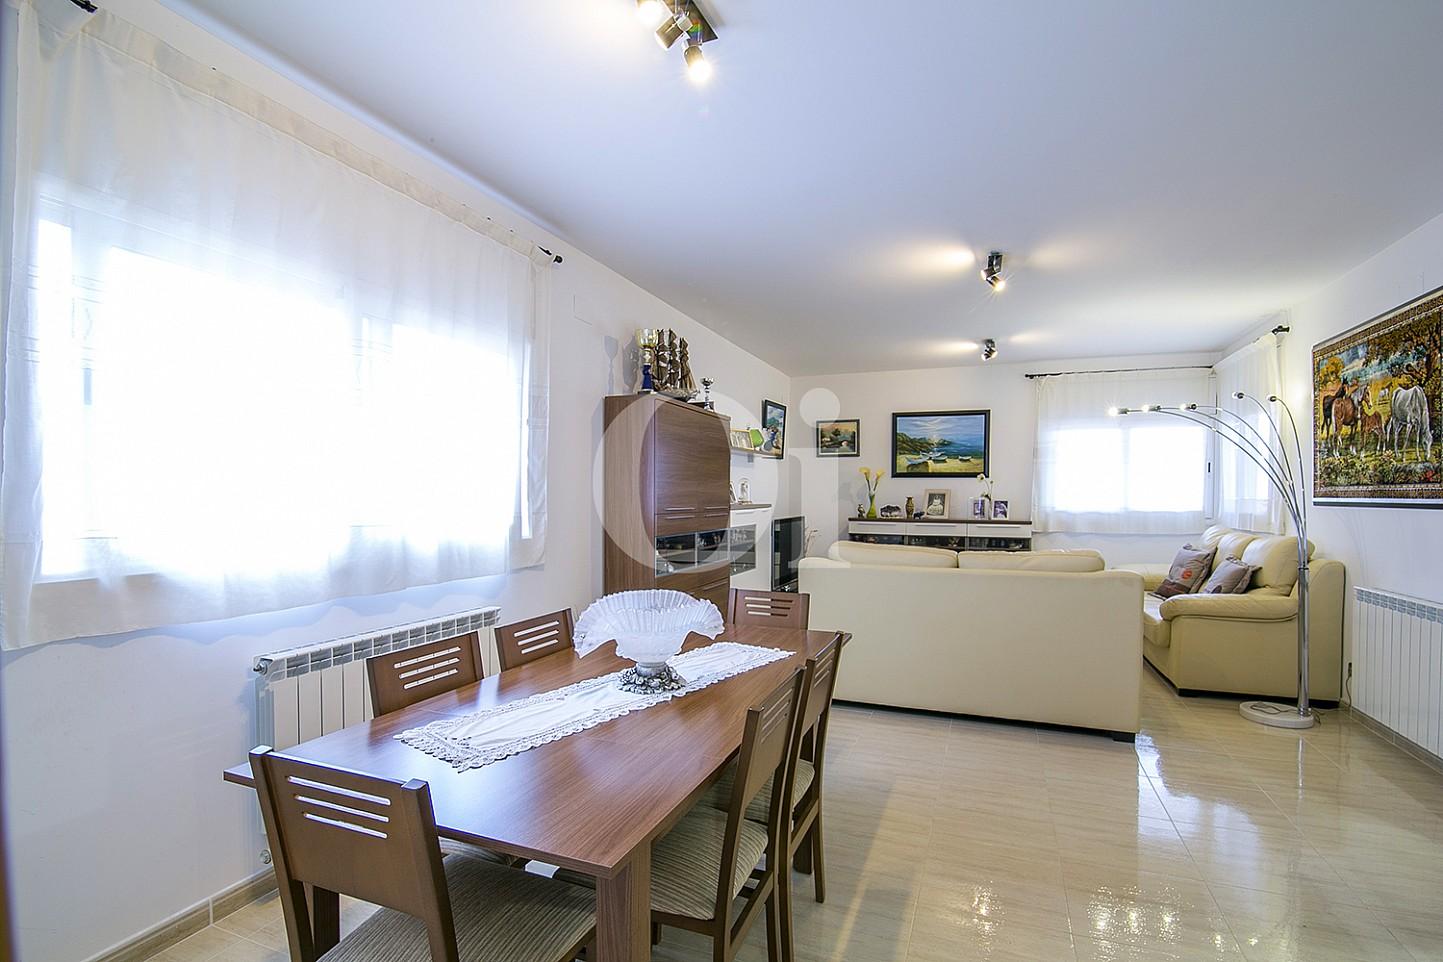 Saló menjador d'una casa amb vistes en venda a Lloret de Mar, Costa Brava